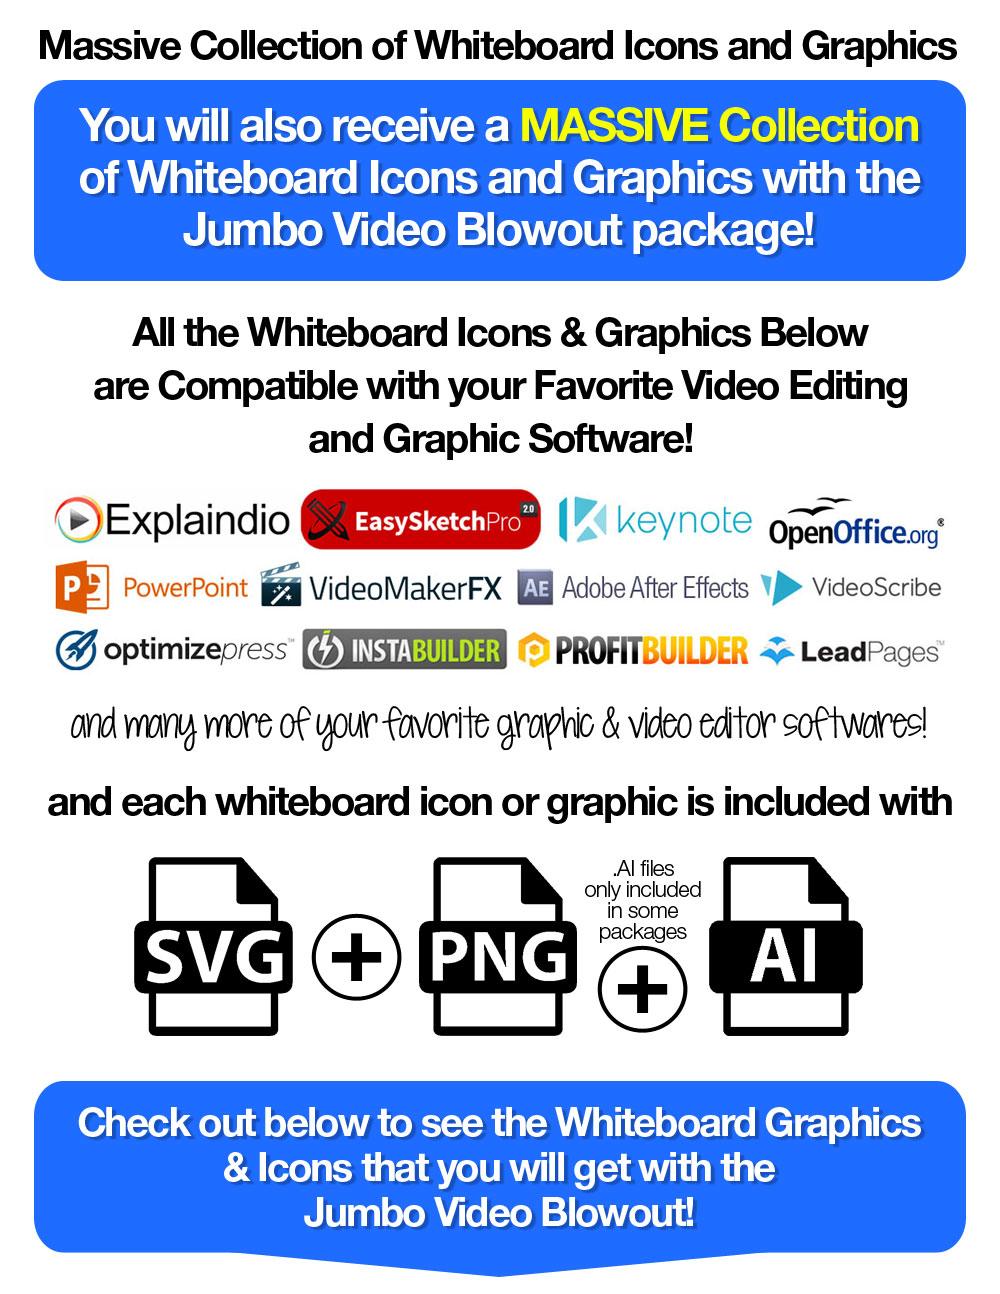 WhiteboardGraphicsCompability